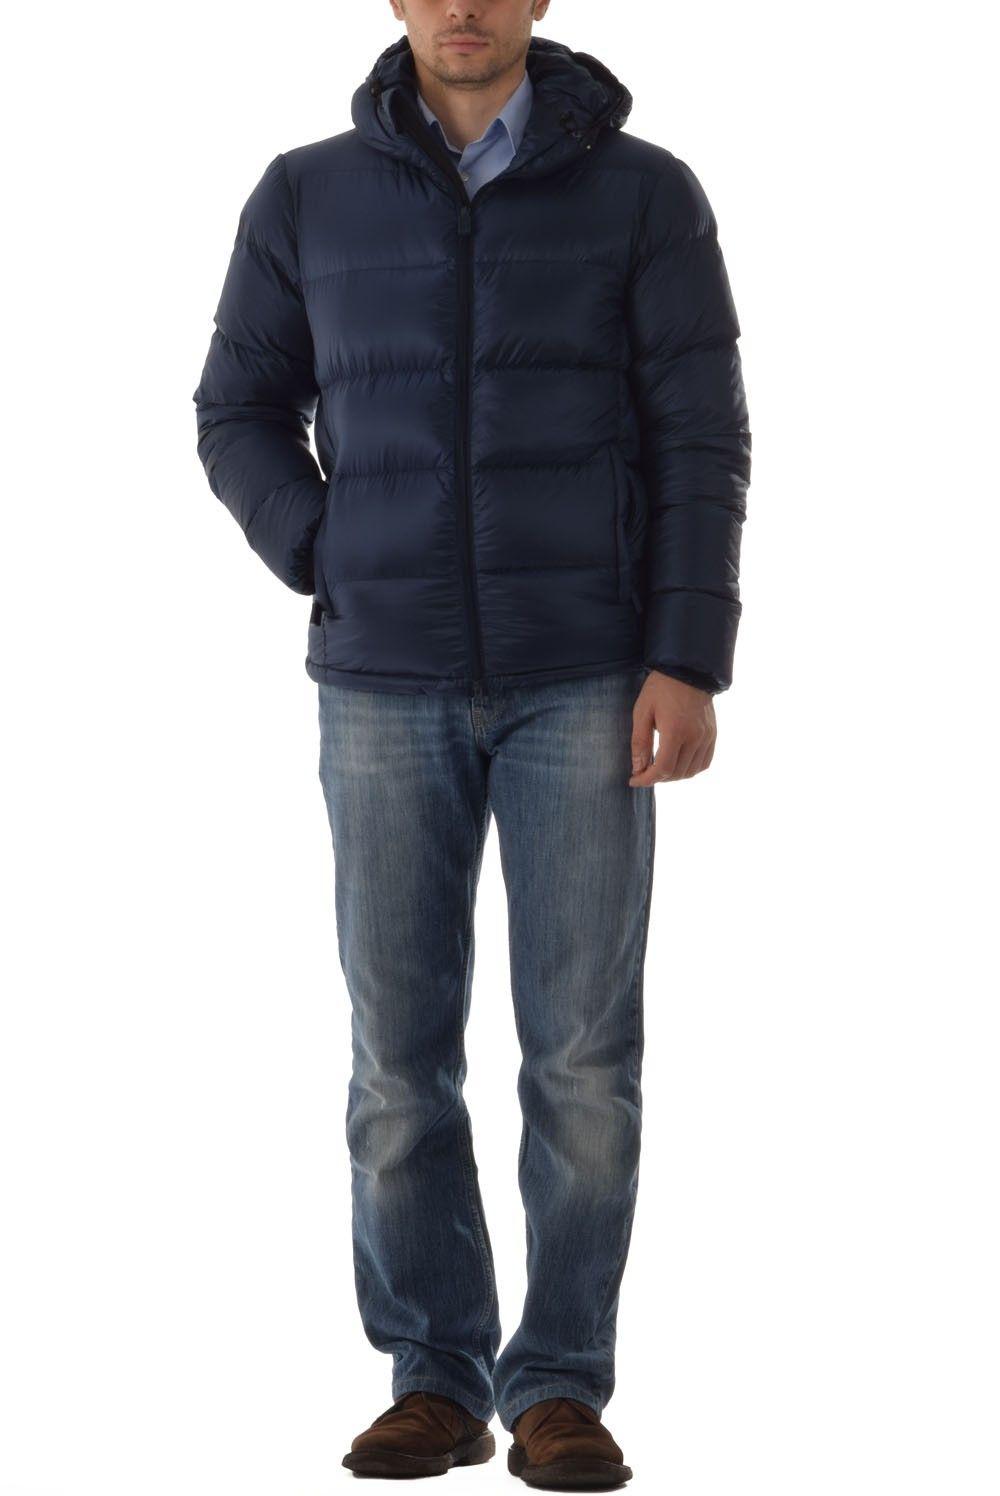 6c1375f40bd231 Piumini invernali Uomo Aspesi - Piumino invernale con cappuccio modello AXE  HOOD articolo 7I49